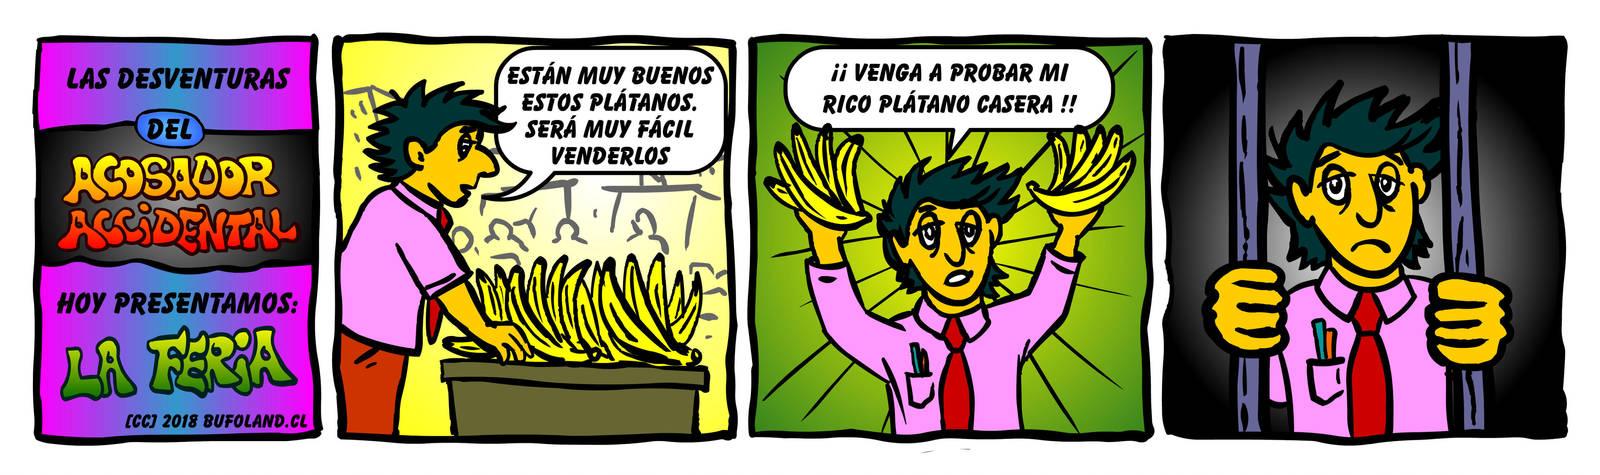 El Acosador Accidental 001 by Bufoland